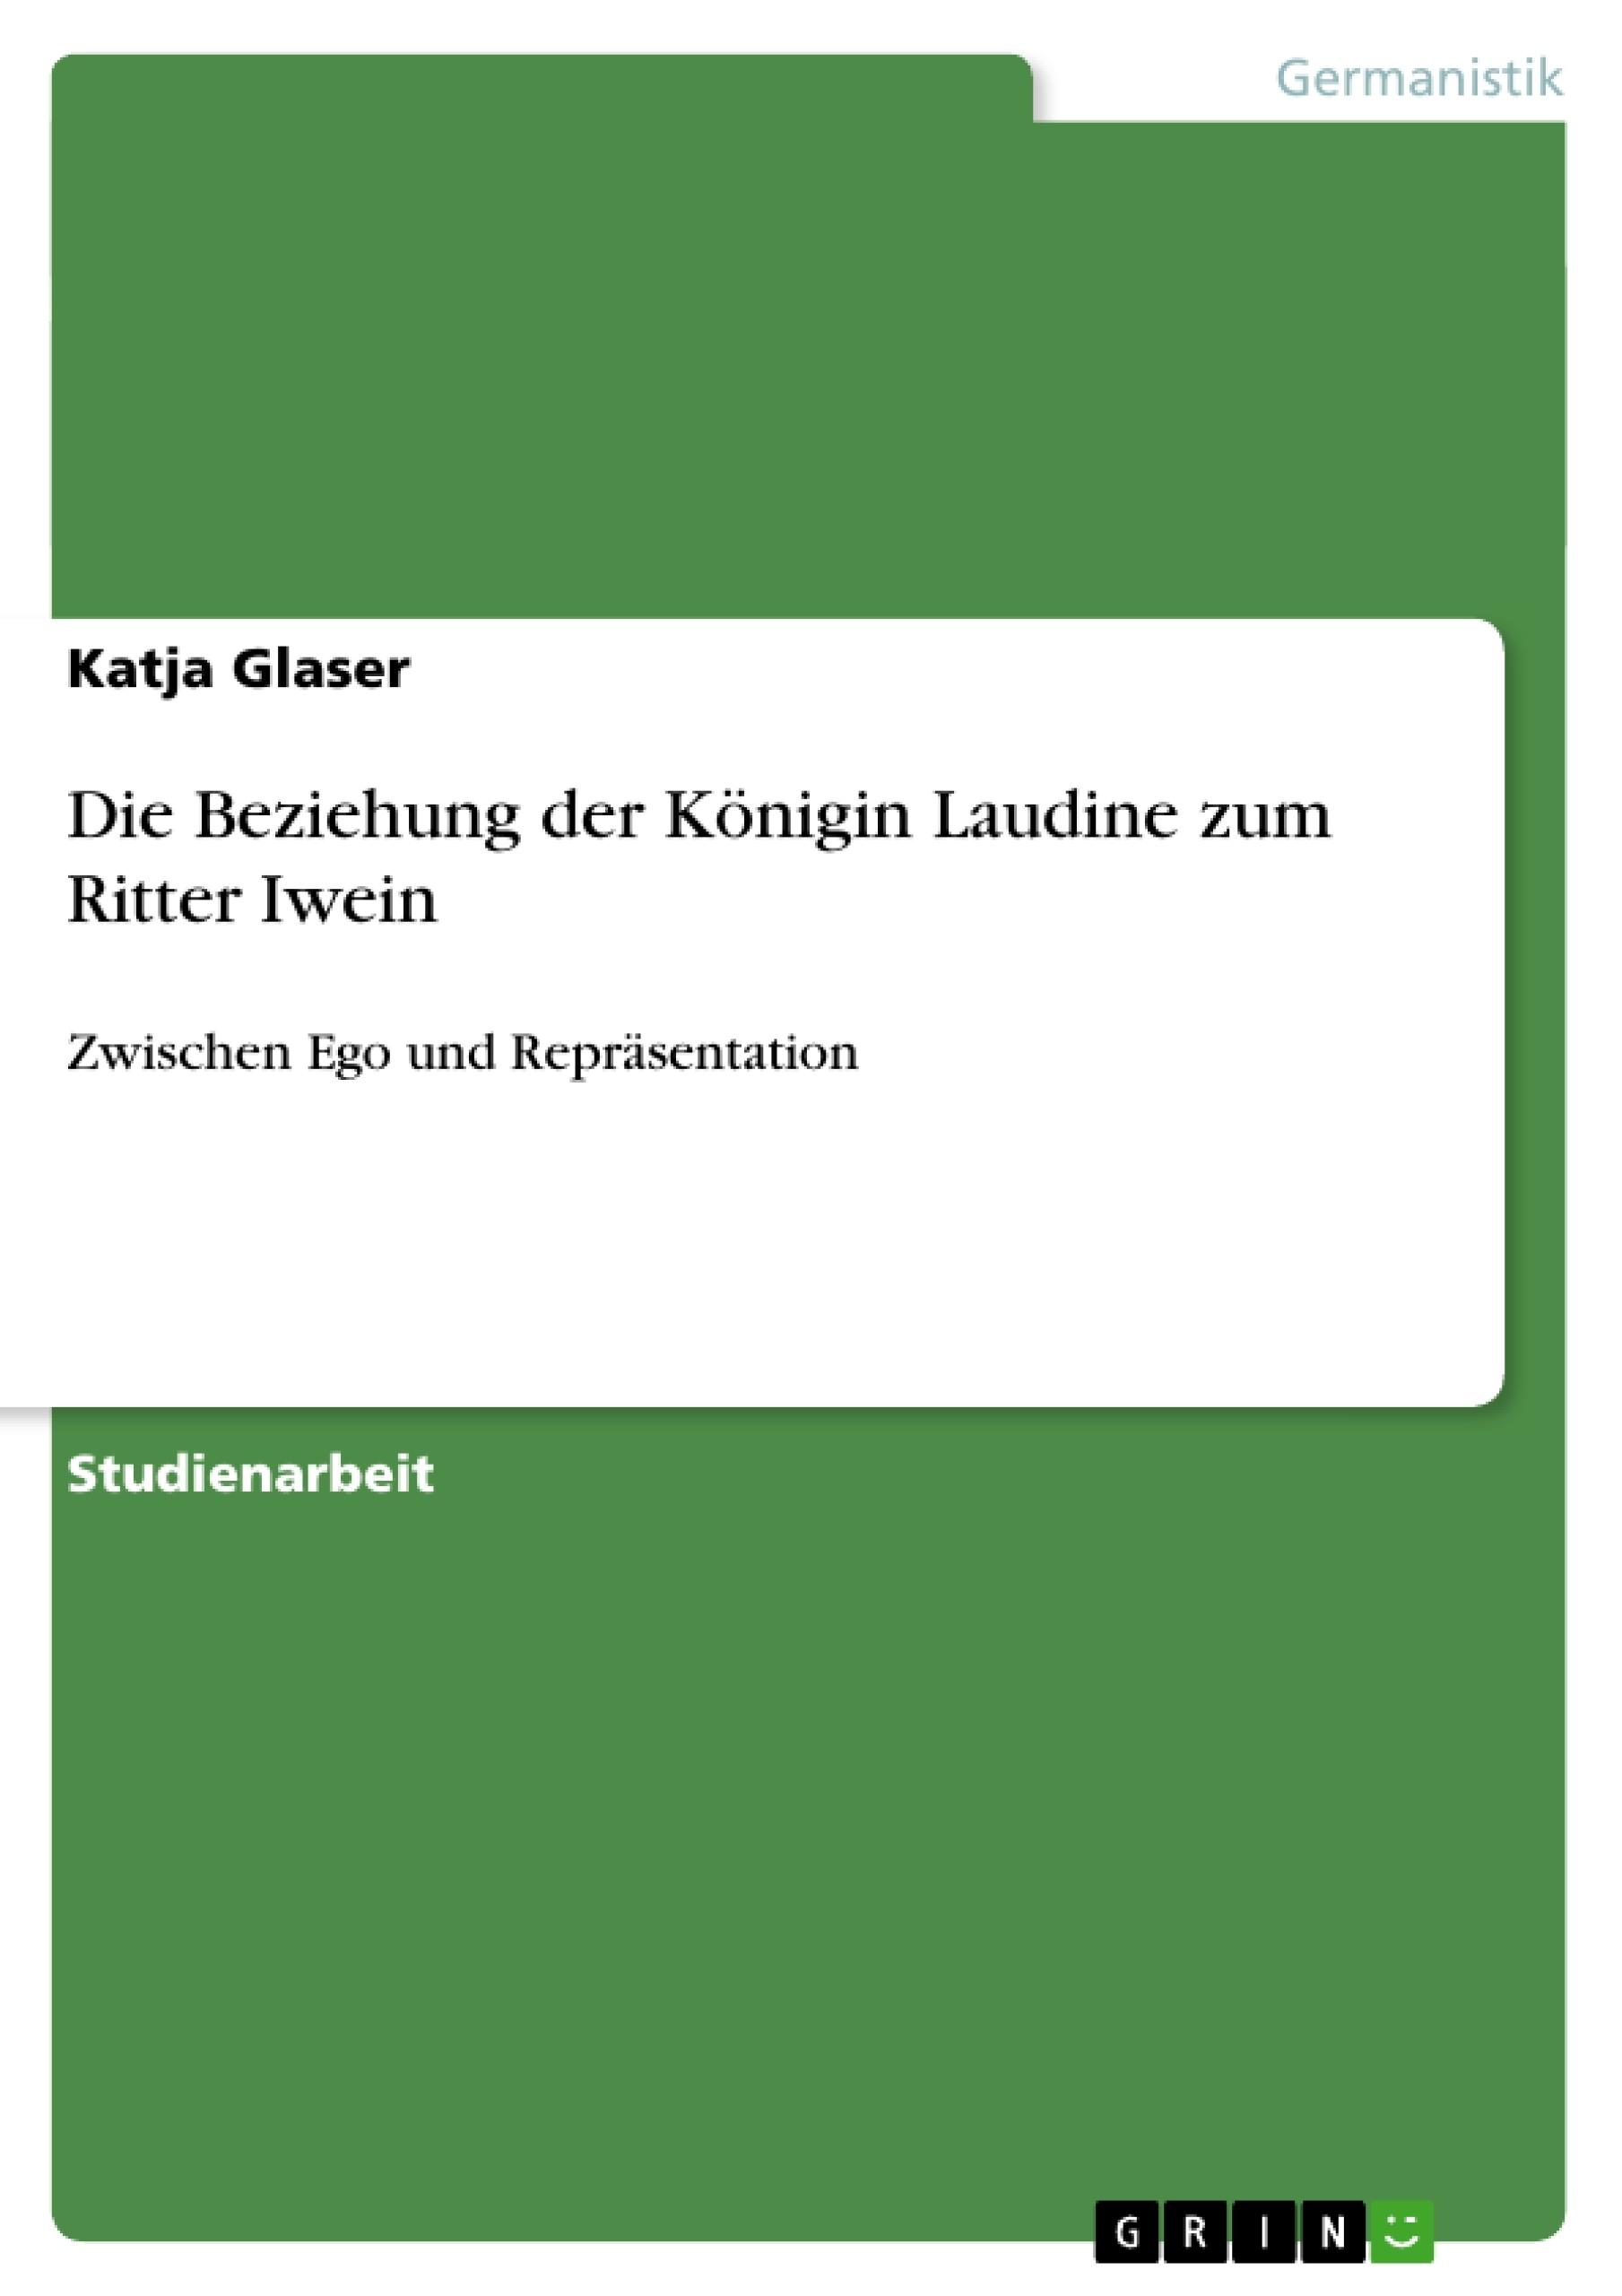 Titel: Die Beziehung der Königin Laudine zum Ritter Iwein